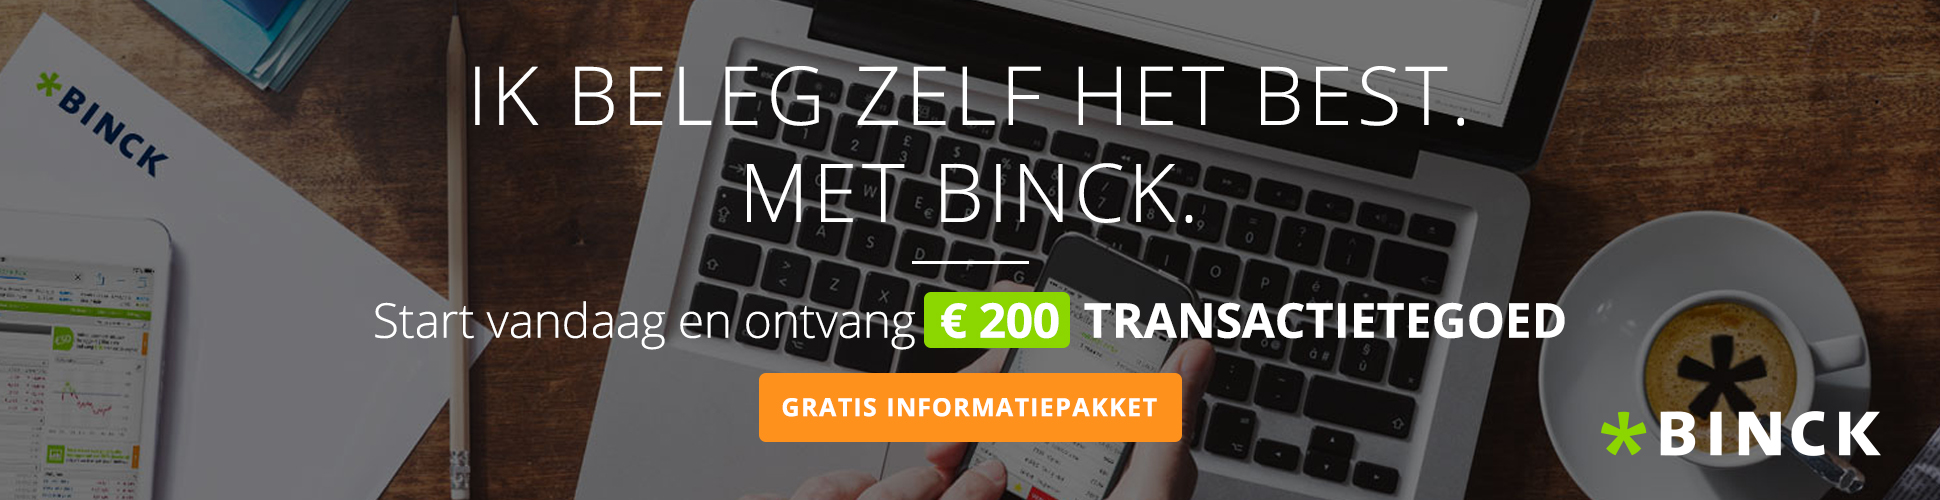 Beleggingsrekening.info